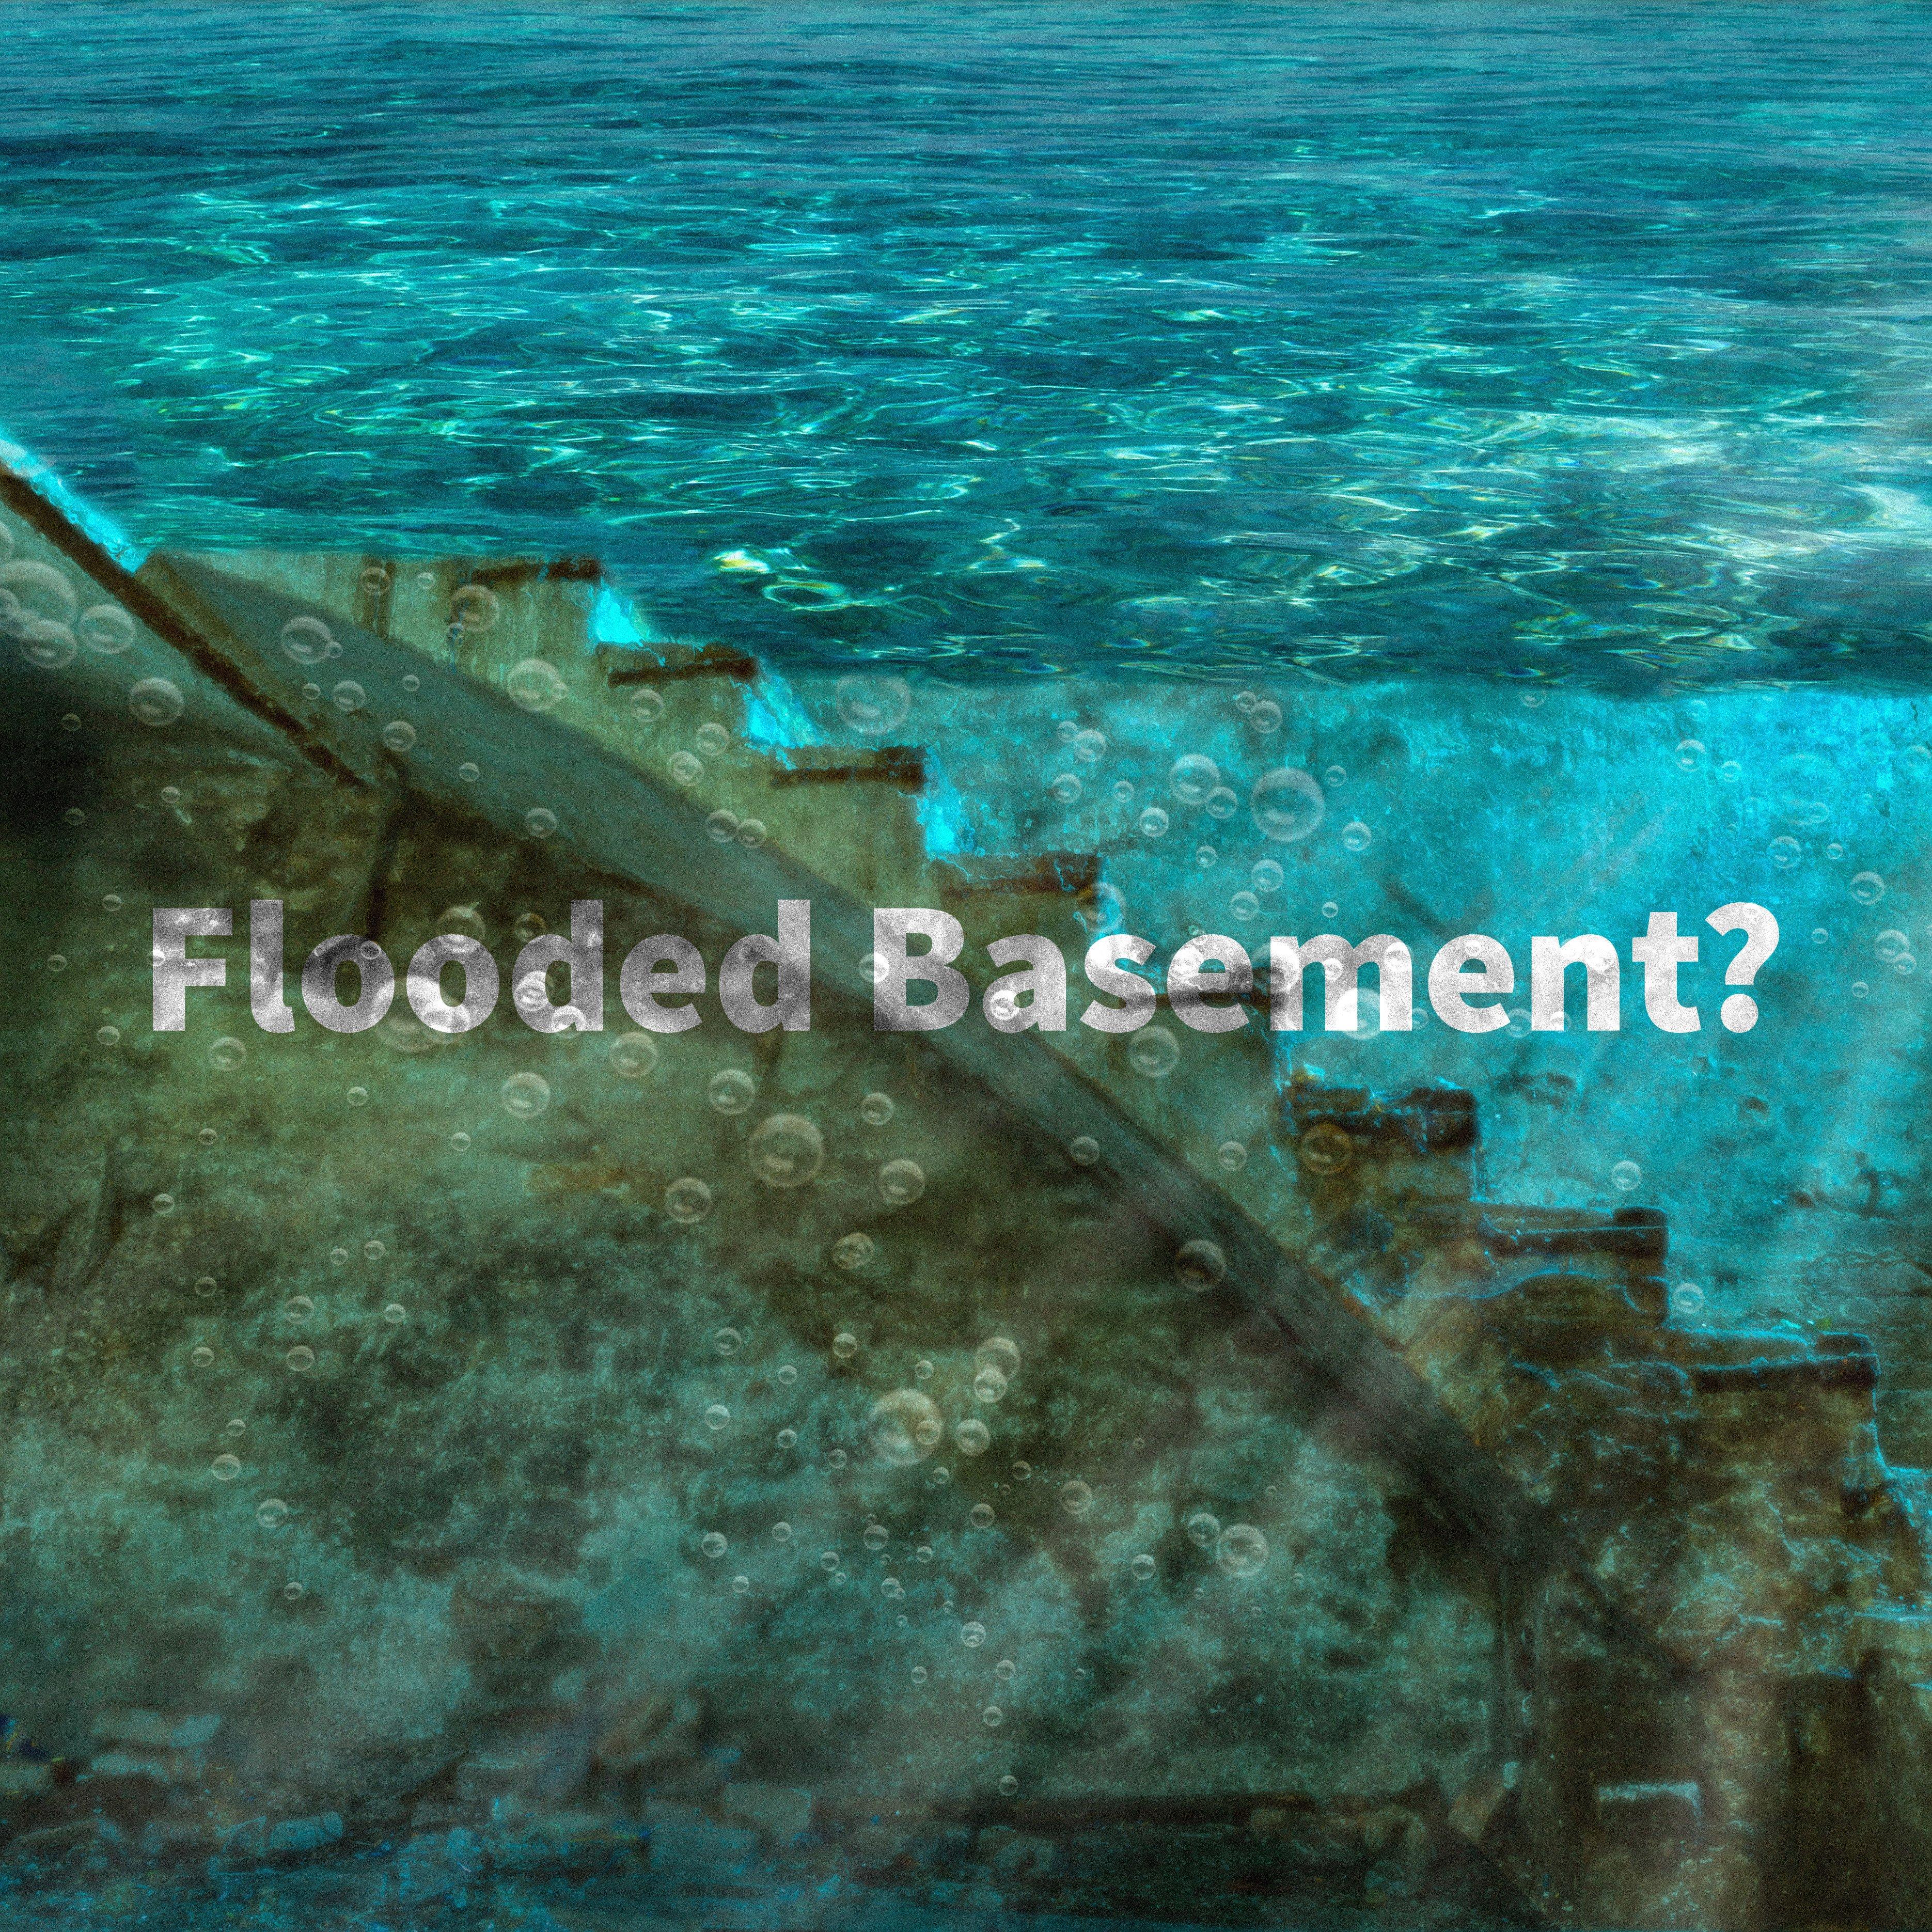 Flooded basement blog.jpg